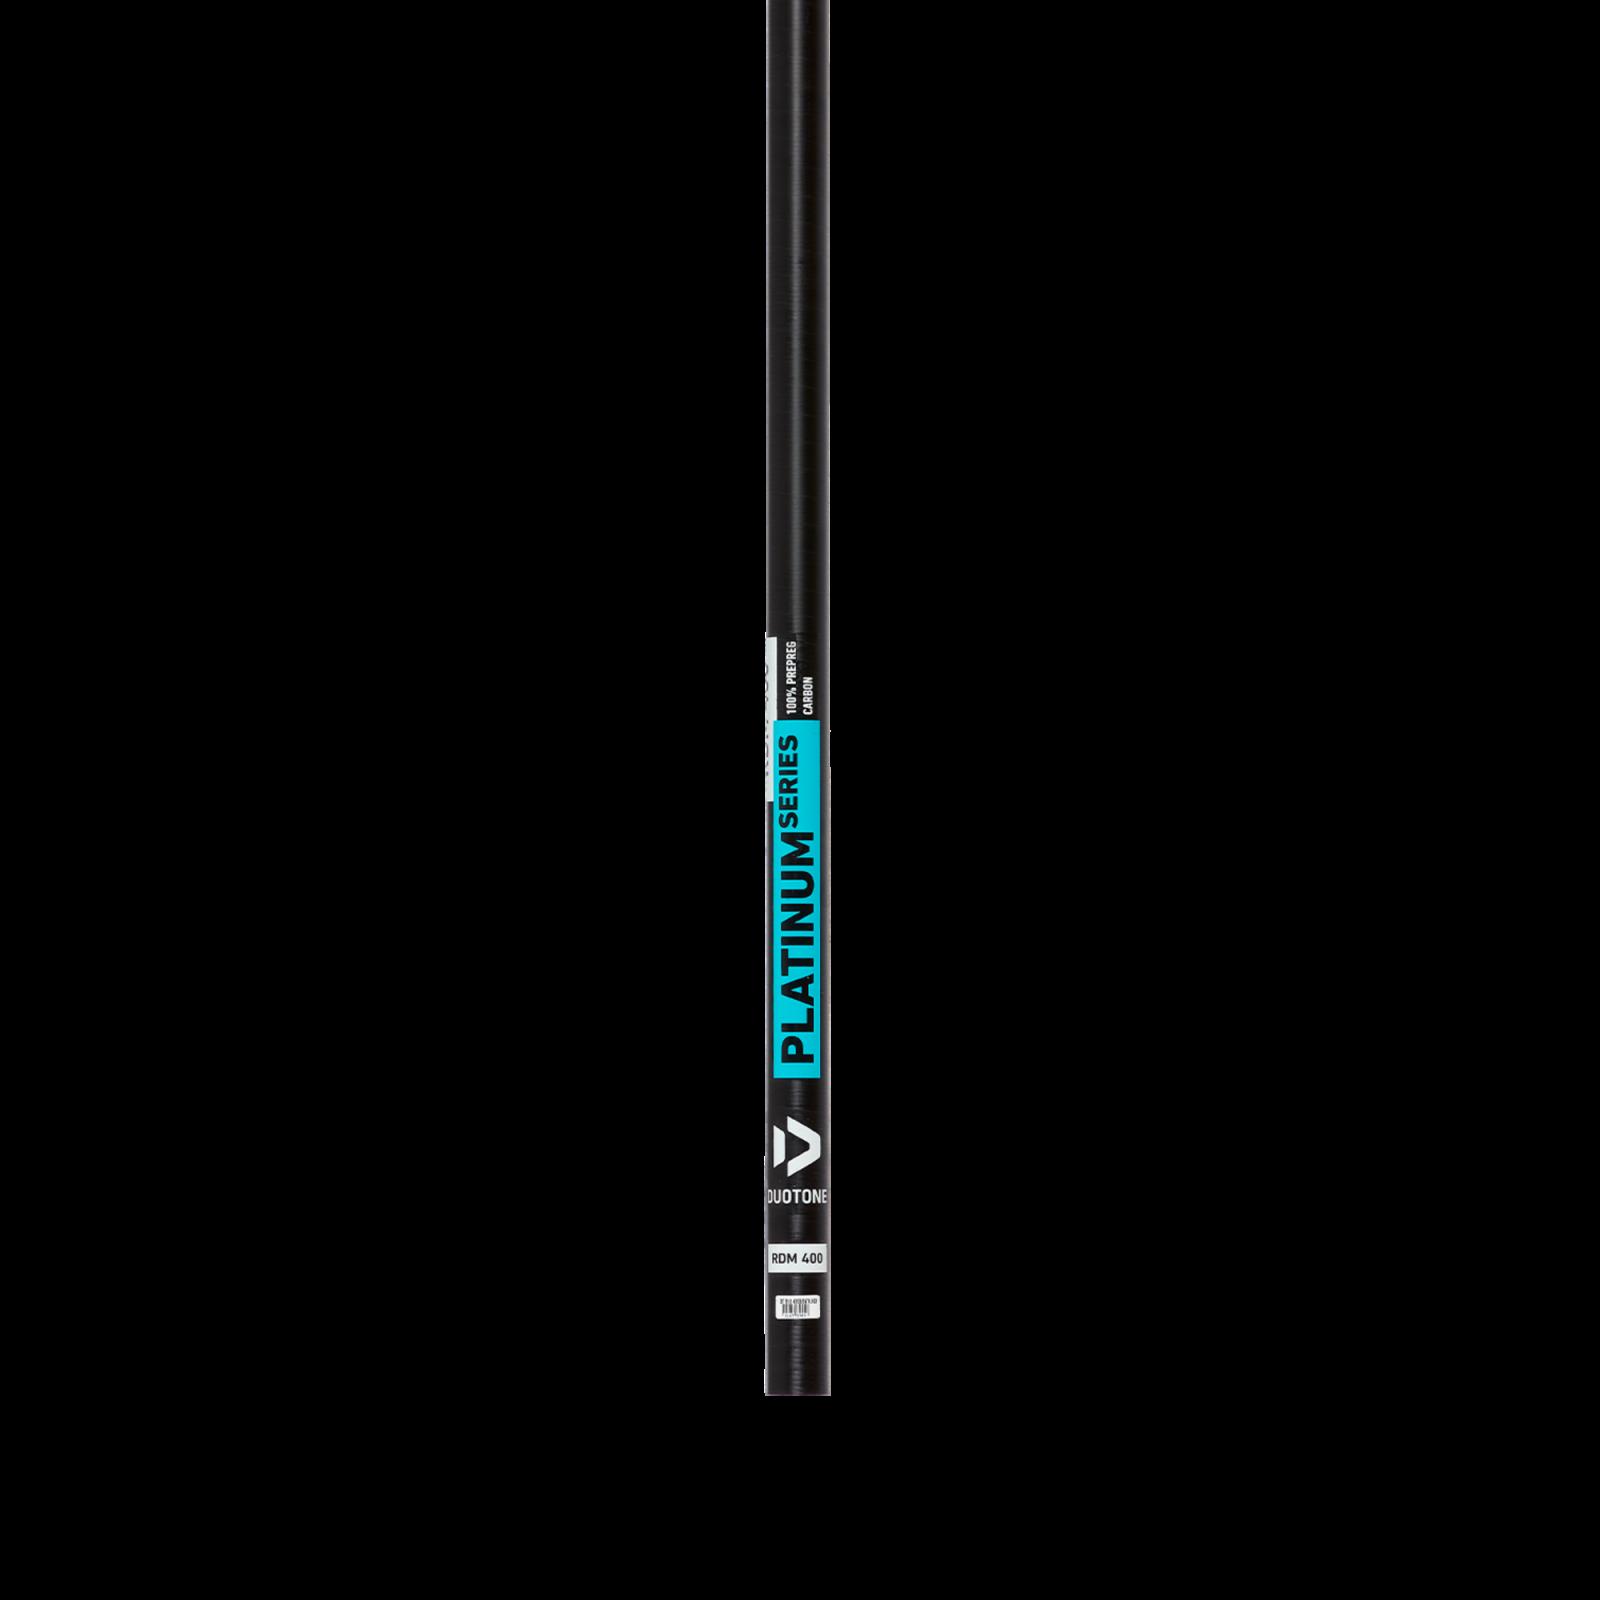 Duotone Platinum Aero 3.0 Series (RDM)